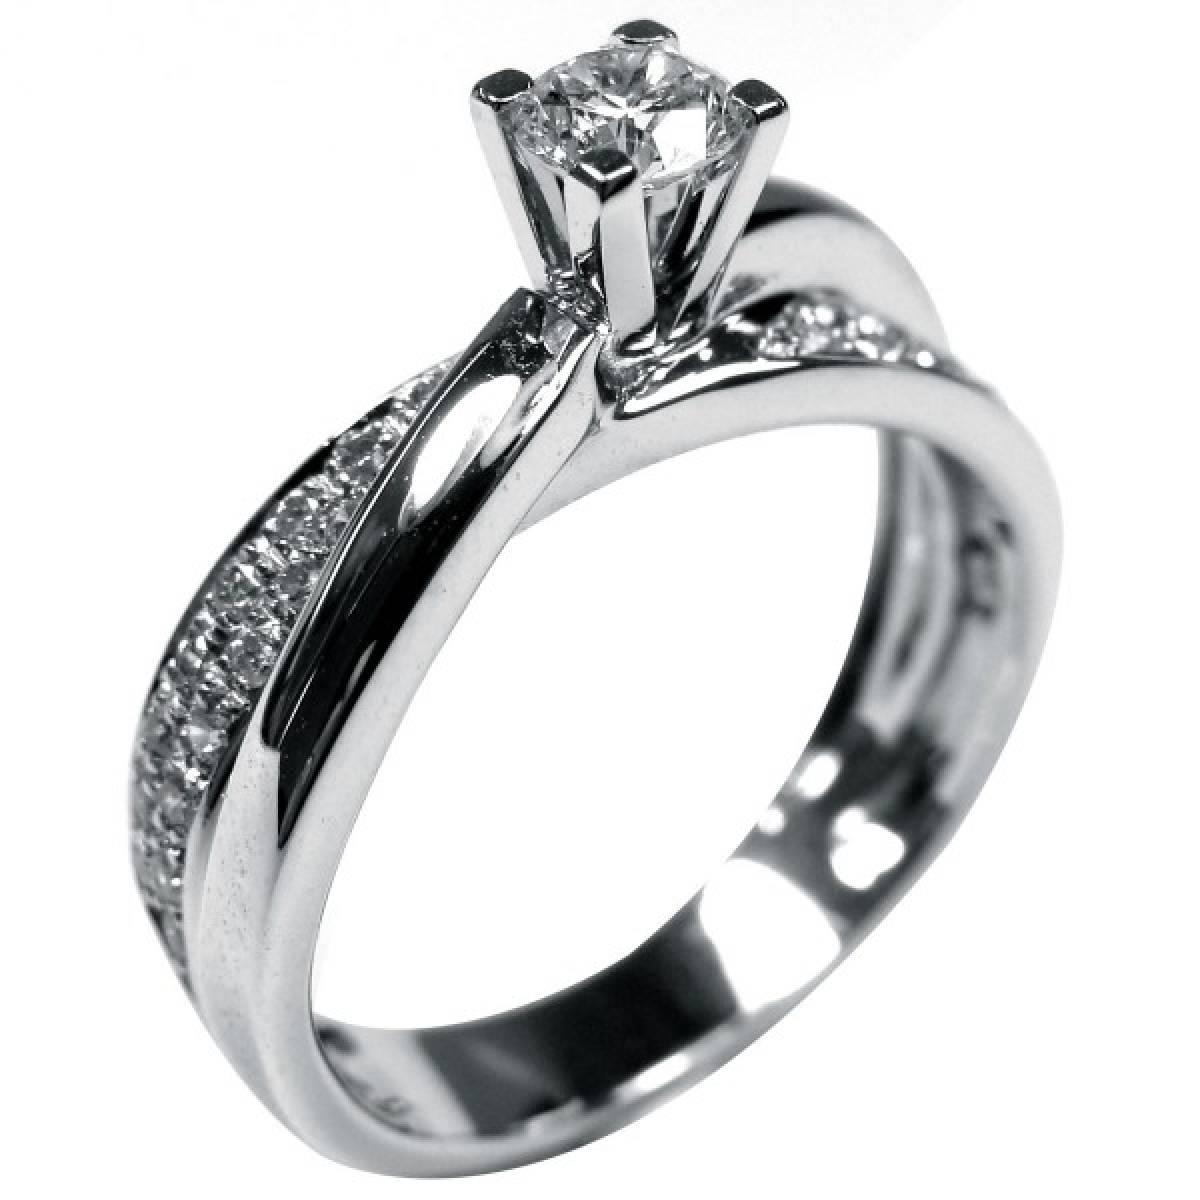 Anel de Noivado em ouro branco de 9 e 19 kt, com diamantes ou zircónias